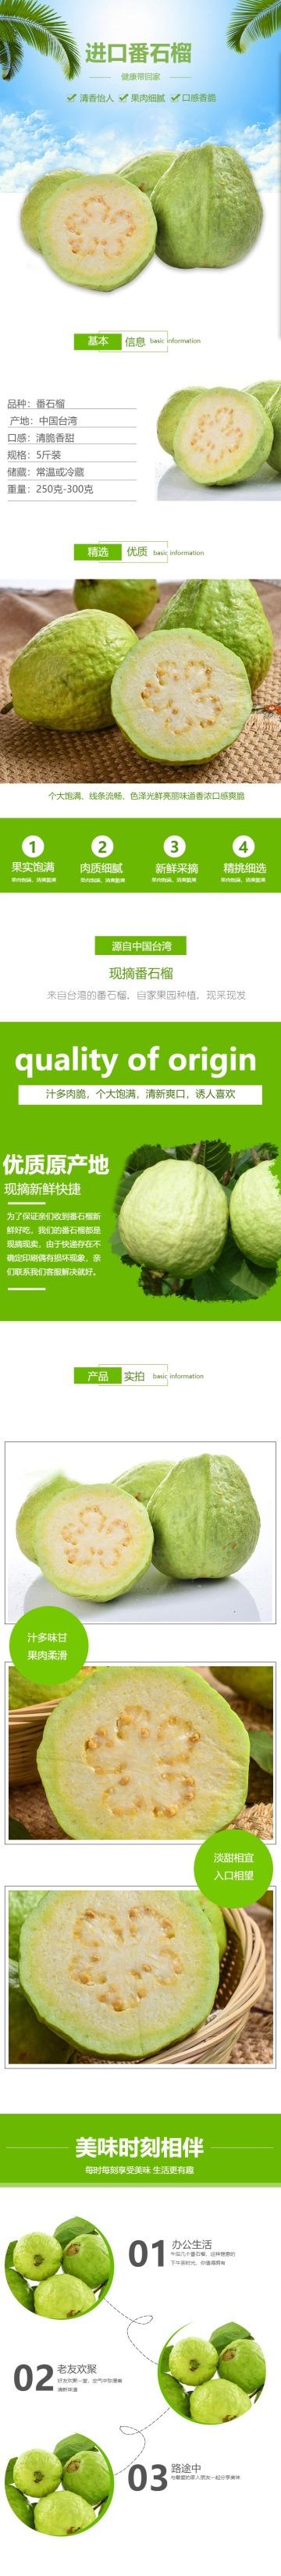 绿色清新简约百货零售生鲜水果番石榴促销电商详情页